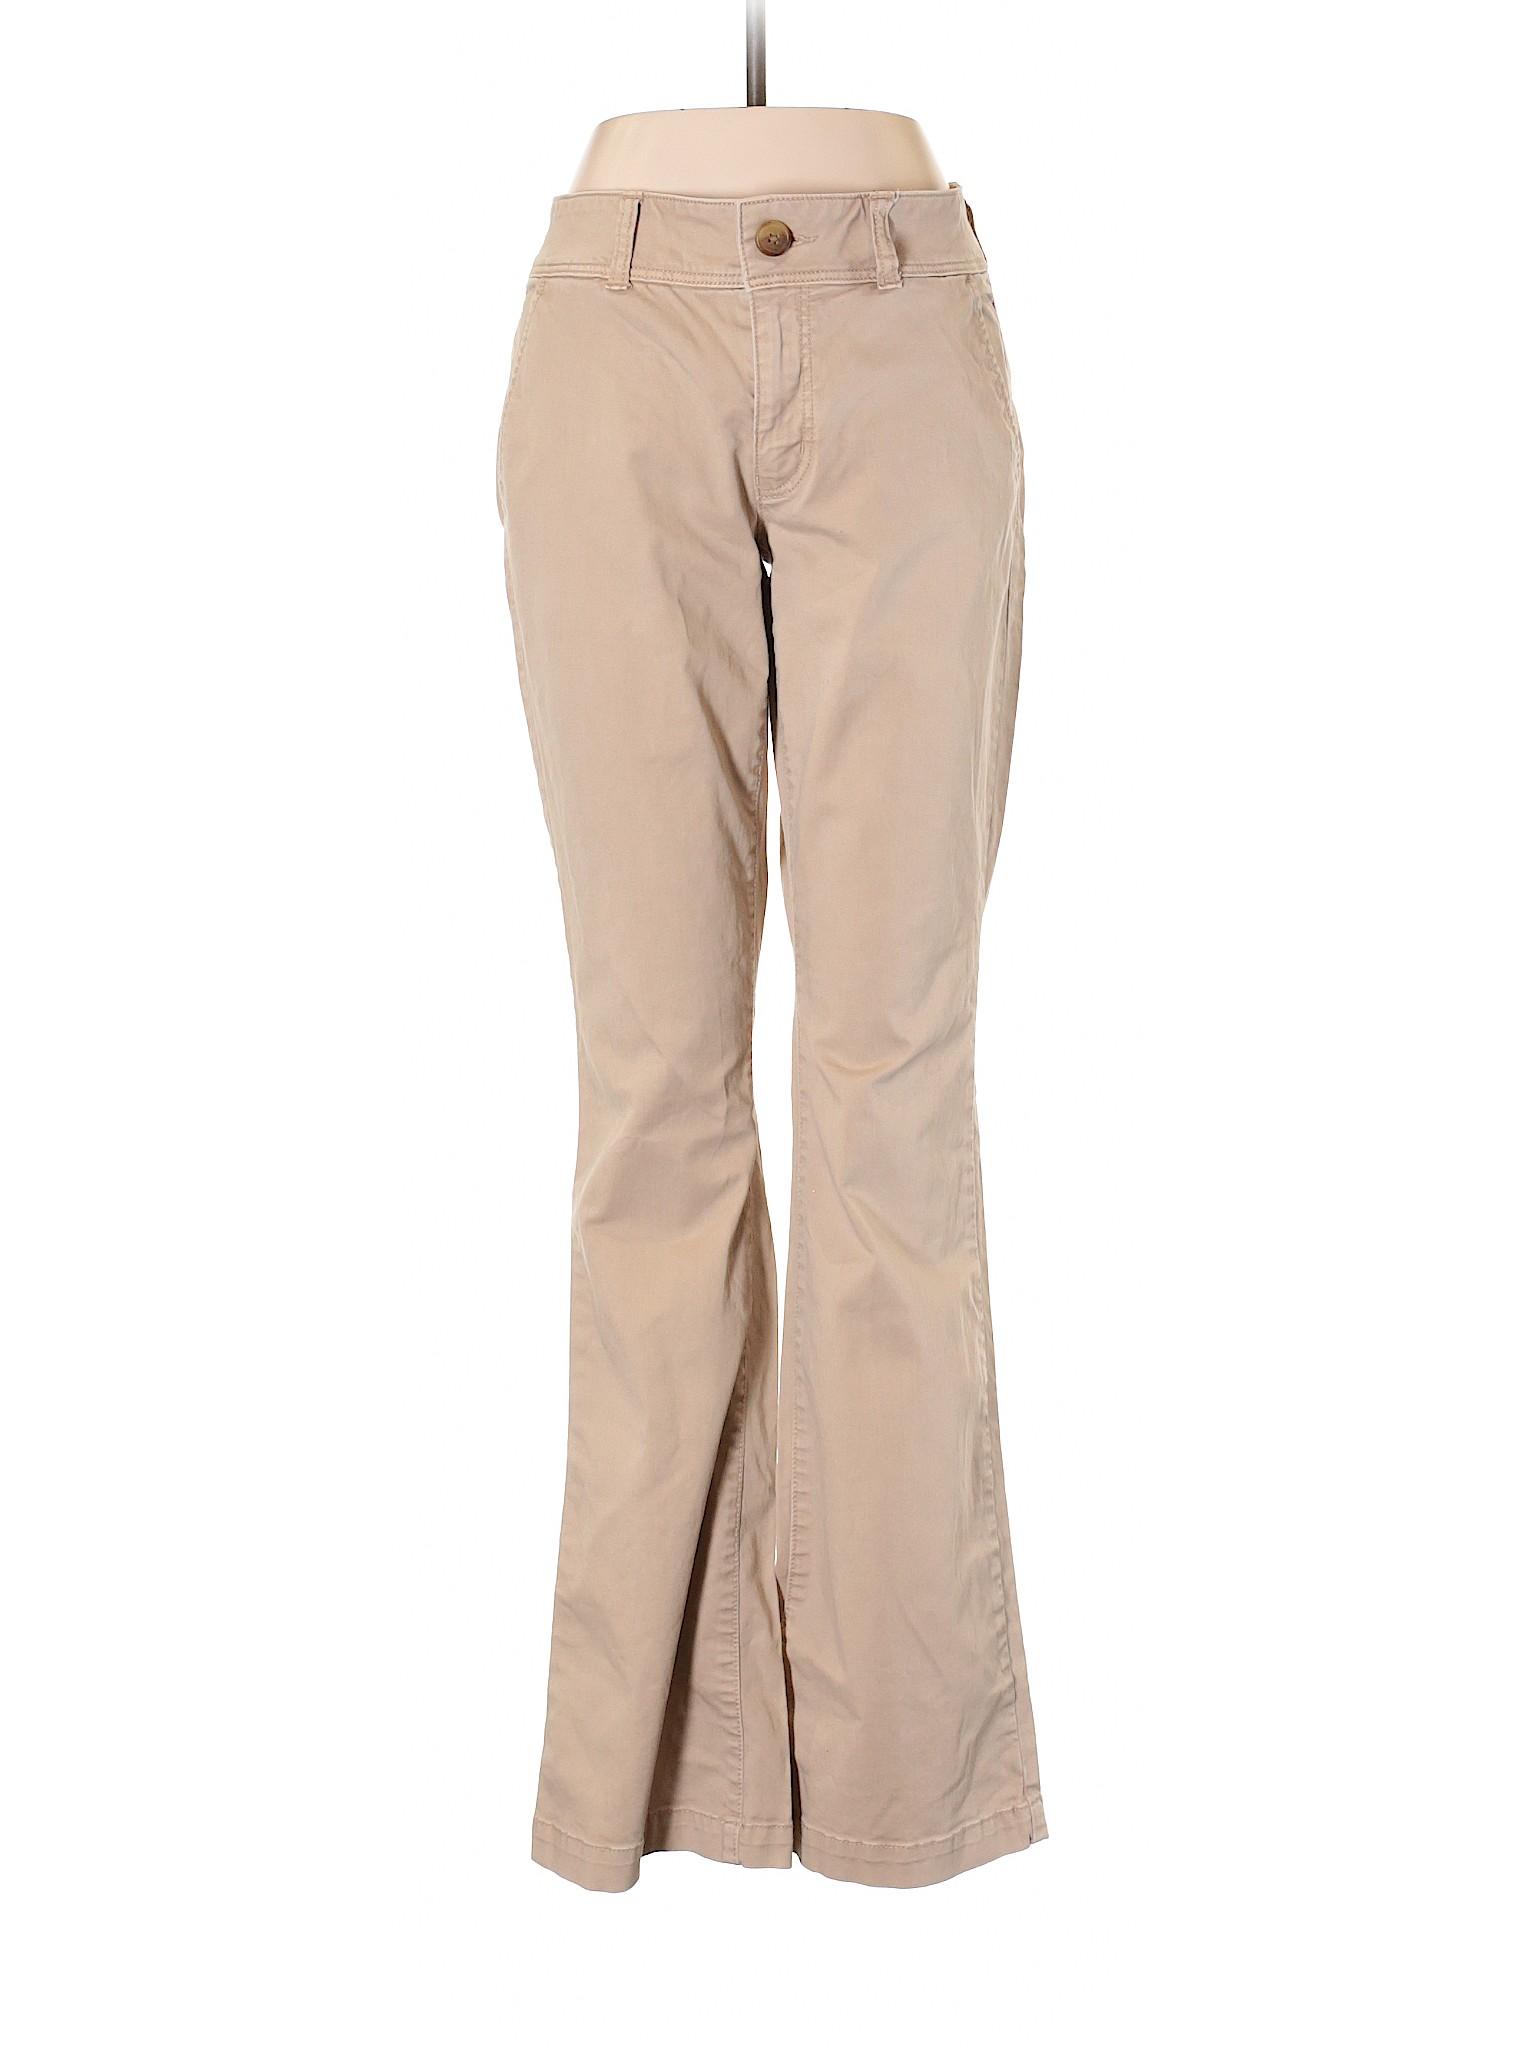 Boutique American Boutique Khakis Khakis Outfitters Eagle Eagle American Outfitters 7IFXOw